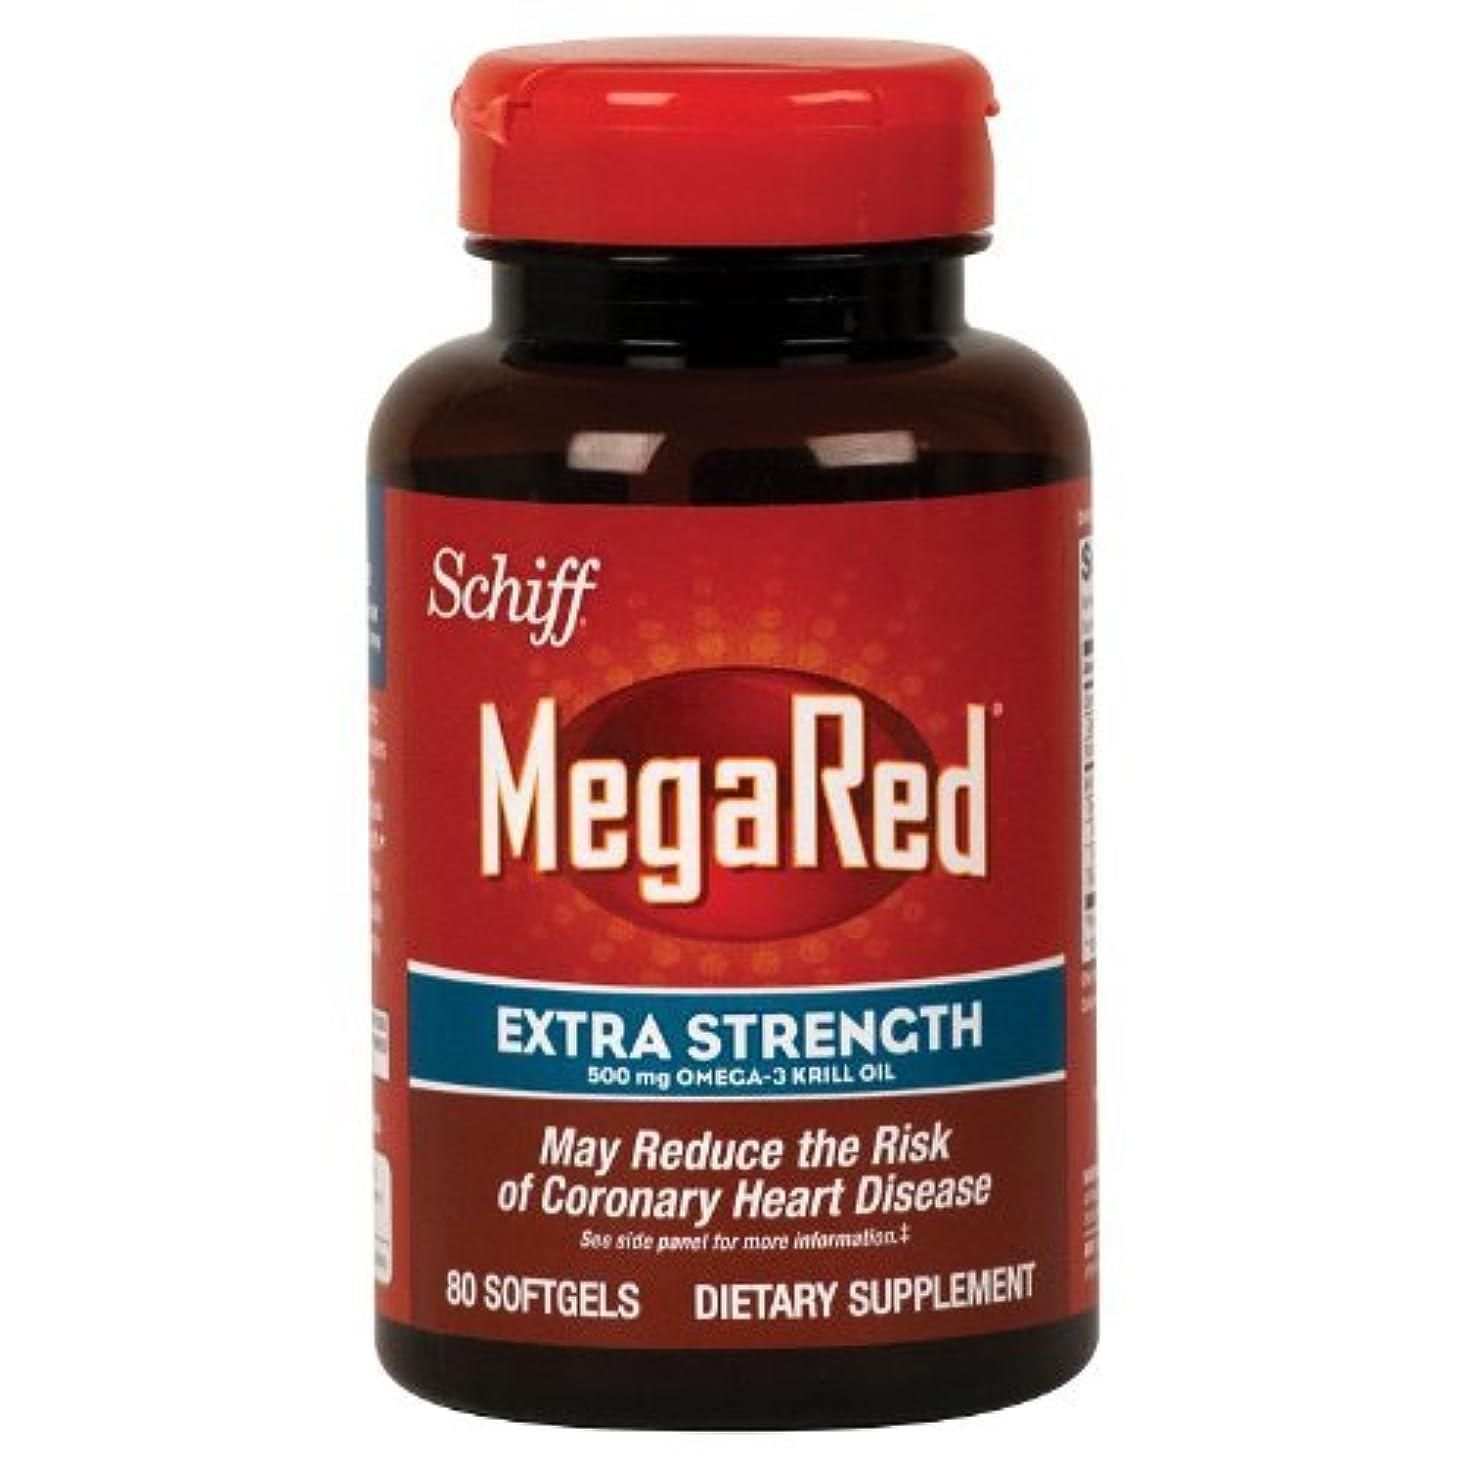 属性閉塞強調Schiff Megared Extra Strength 500mg Omega-3 Krill Oil - 80 Softgels by Simply Right [並行輸入品]